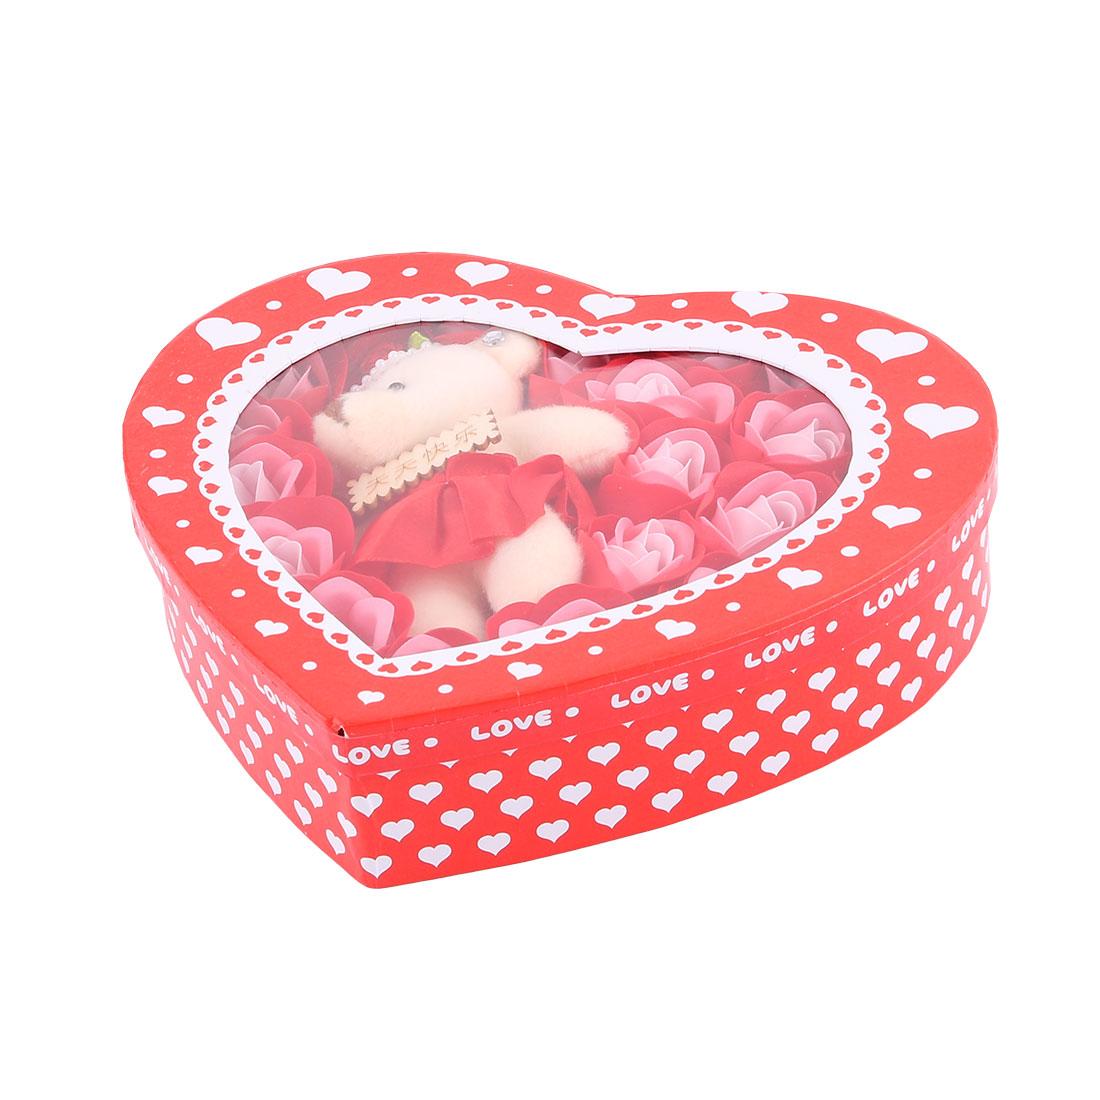 Coeur-Cadeaux-Festival-Decor-jouet-ours-Fleur-Savon-Bain-22-en-1-rouge